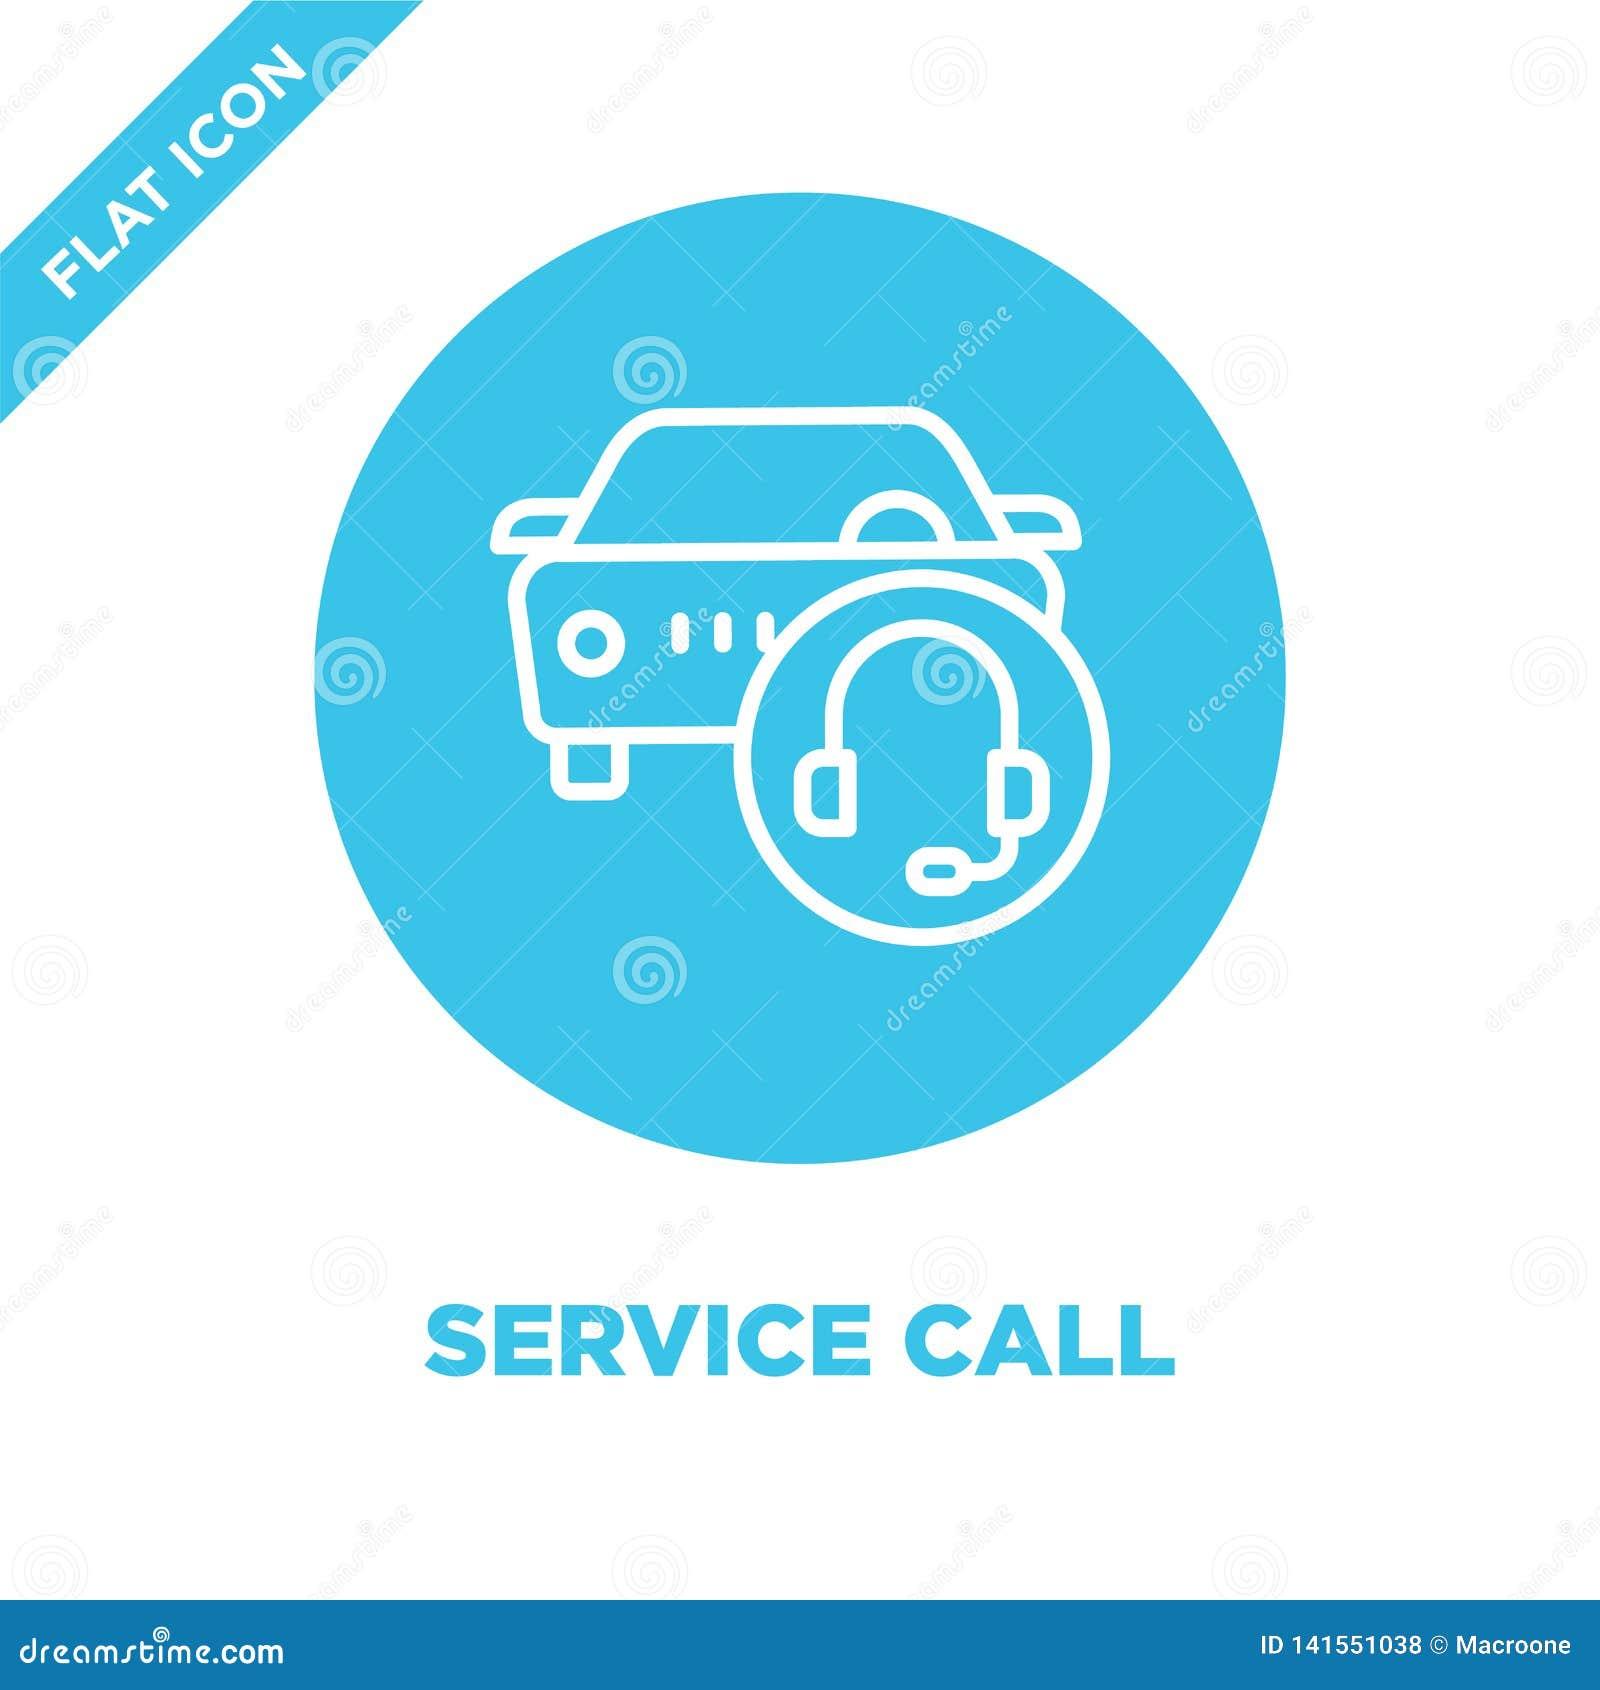 διάνυσμα εικονιδίων κλήσης υπηρεσιών Λεπτή διανυσματική απεικόνιση εικονιδίων περιλήψεων πρόσκλησης υπηρεσιών γραμμών σύμβολο κλή